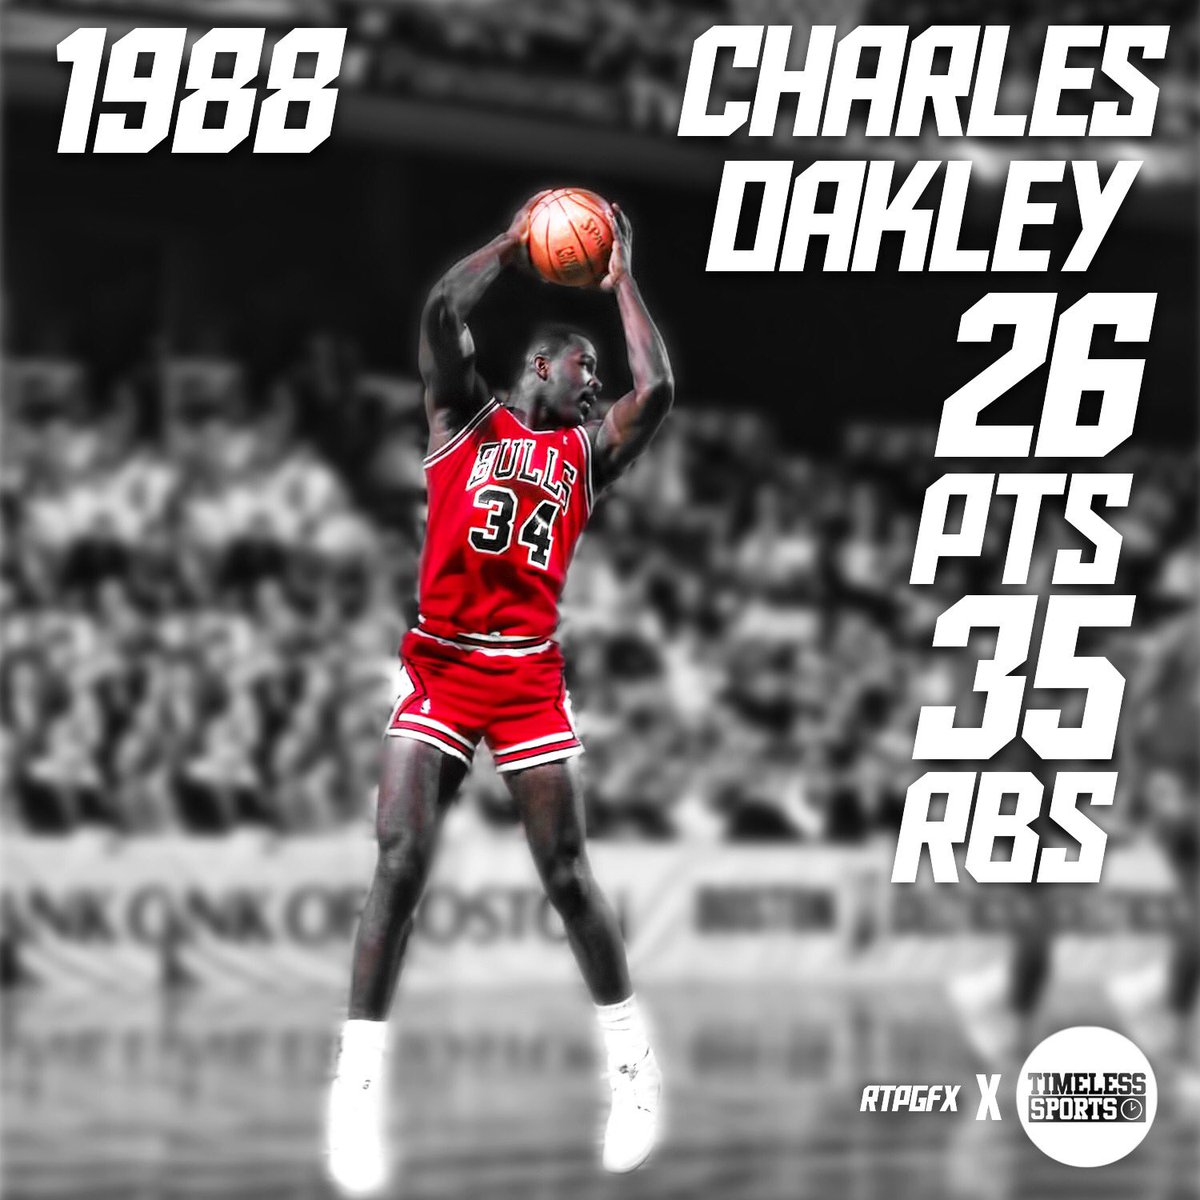 30年前的今天,查尔斯-奥克利得到26分35篮板